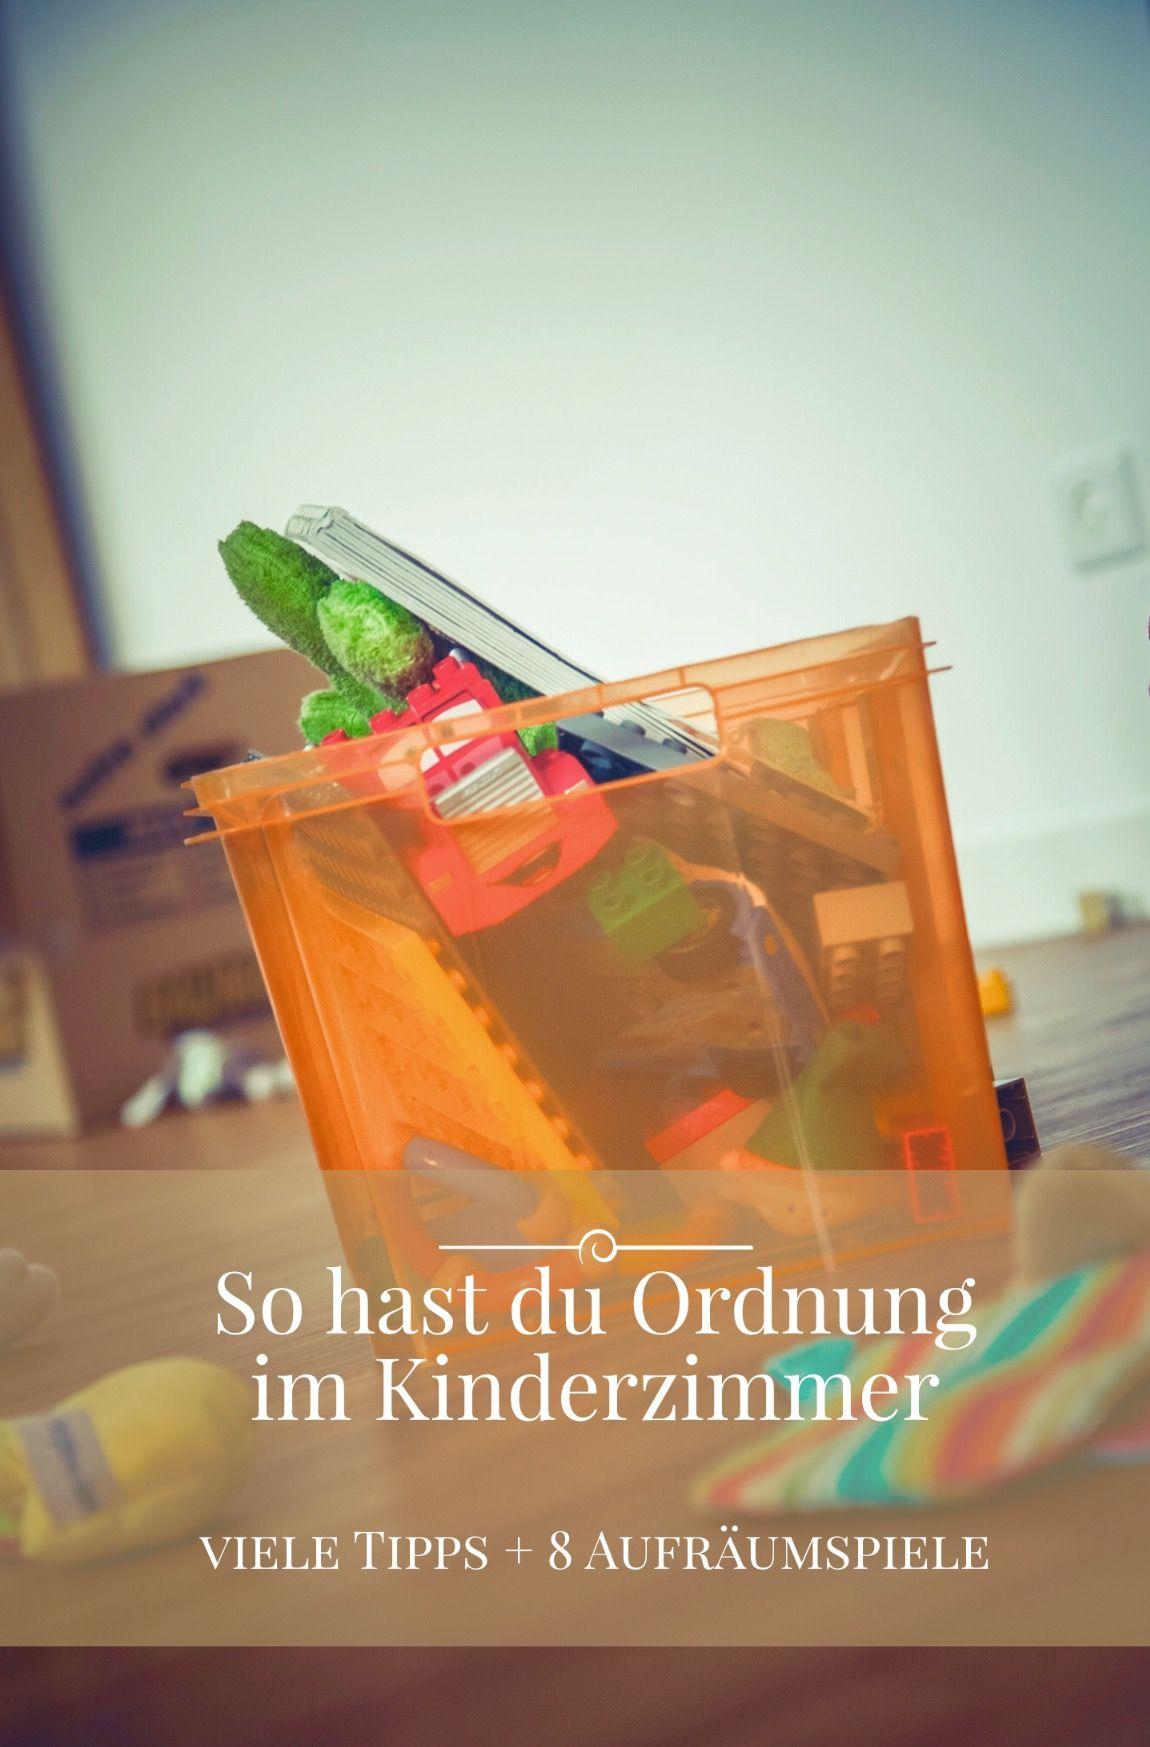 Faszinierend Aufräumtipps Galerie Von Spielsachen Fen Das Kinderzimmer? Hier Gibts Super